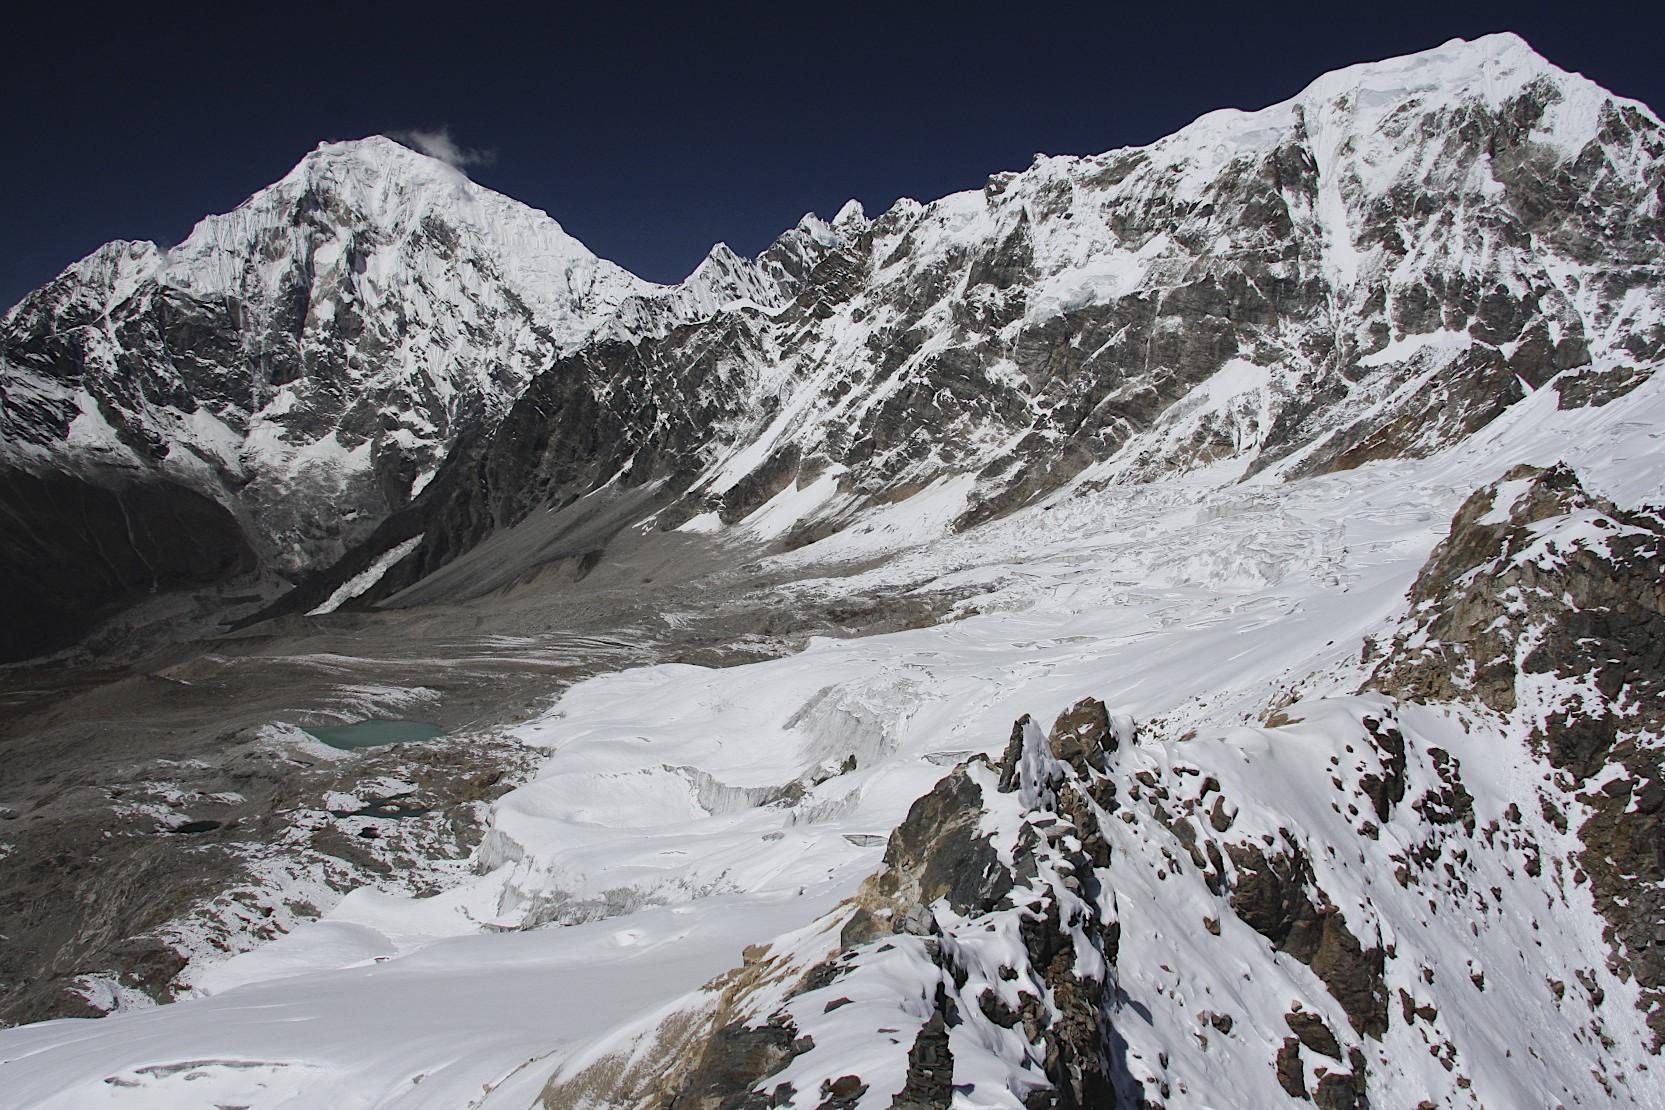 The view from Yala Peak to Langtang Lirung